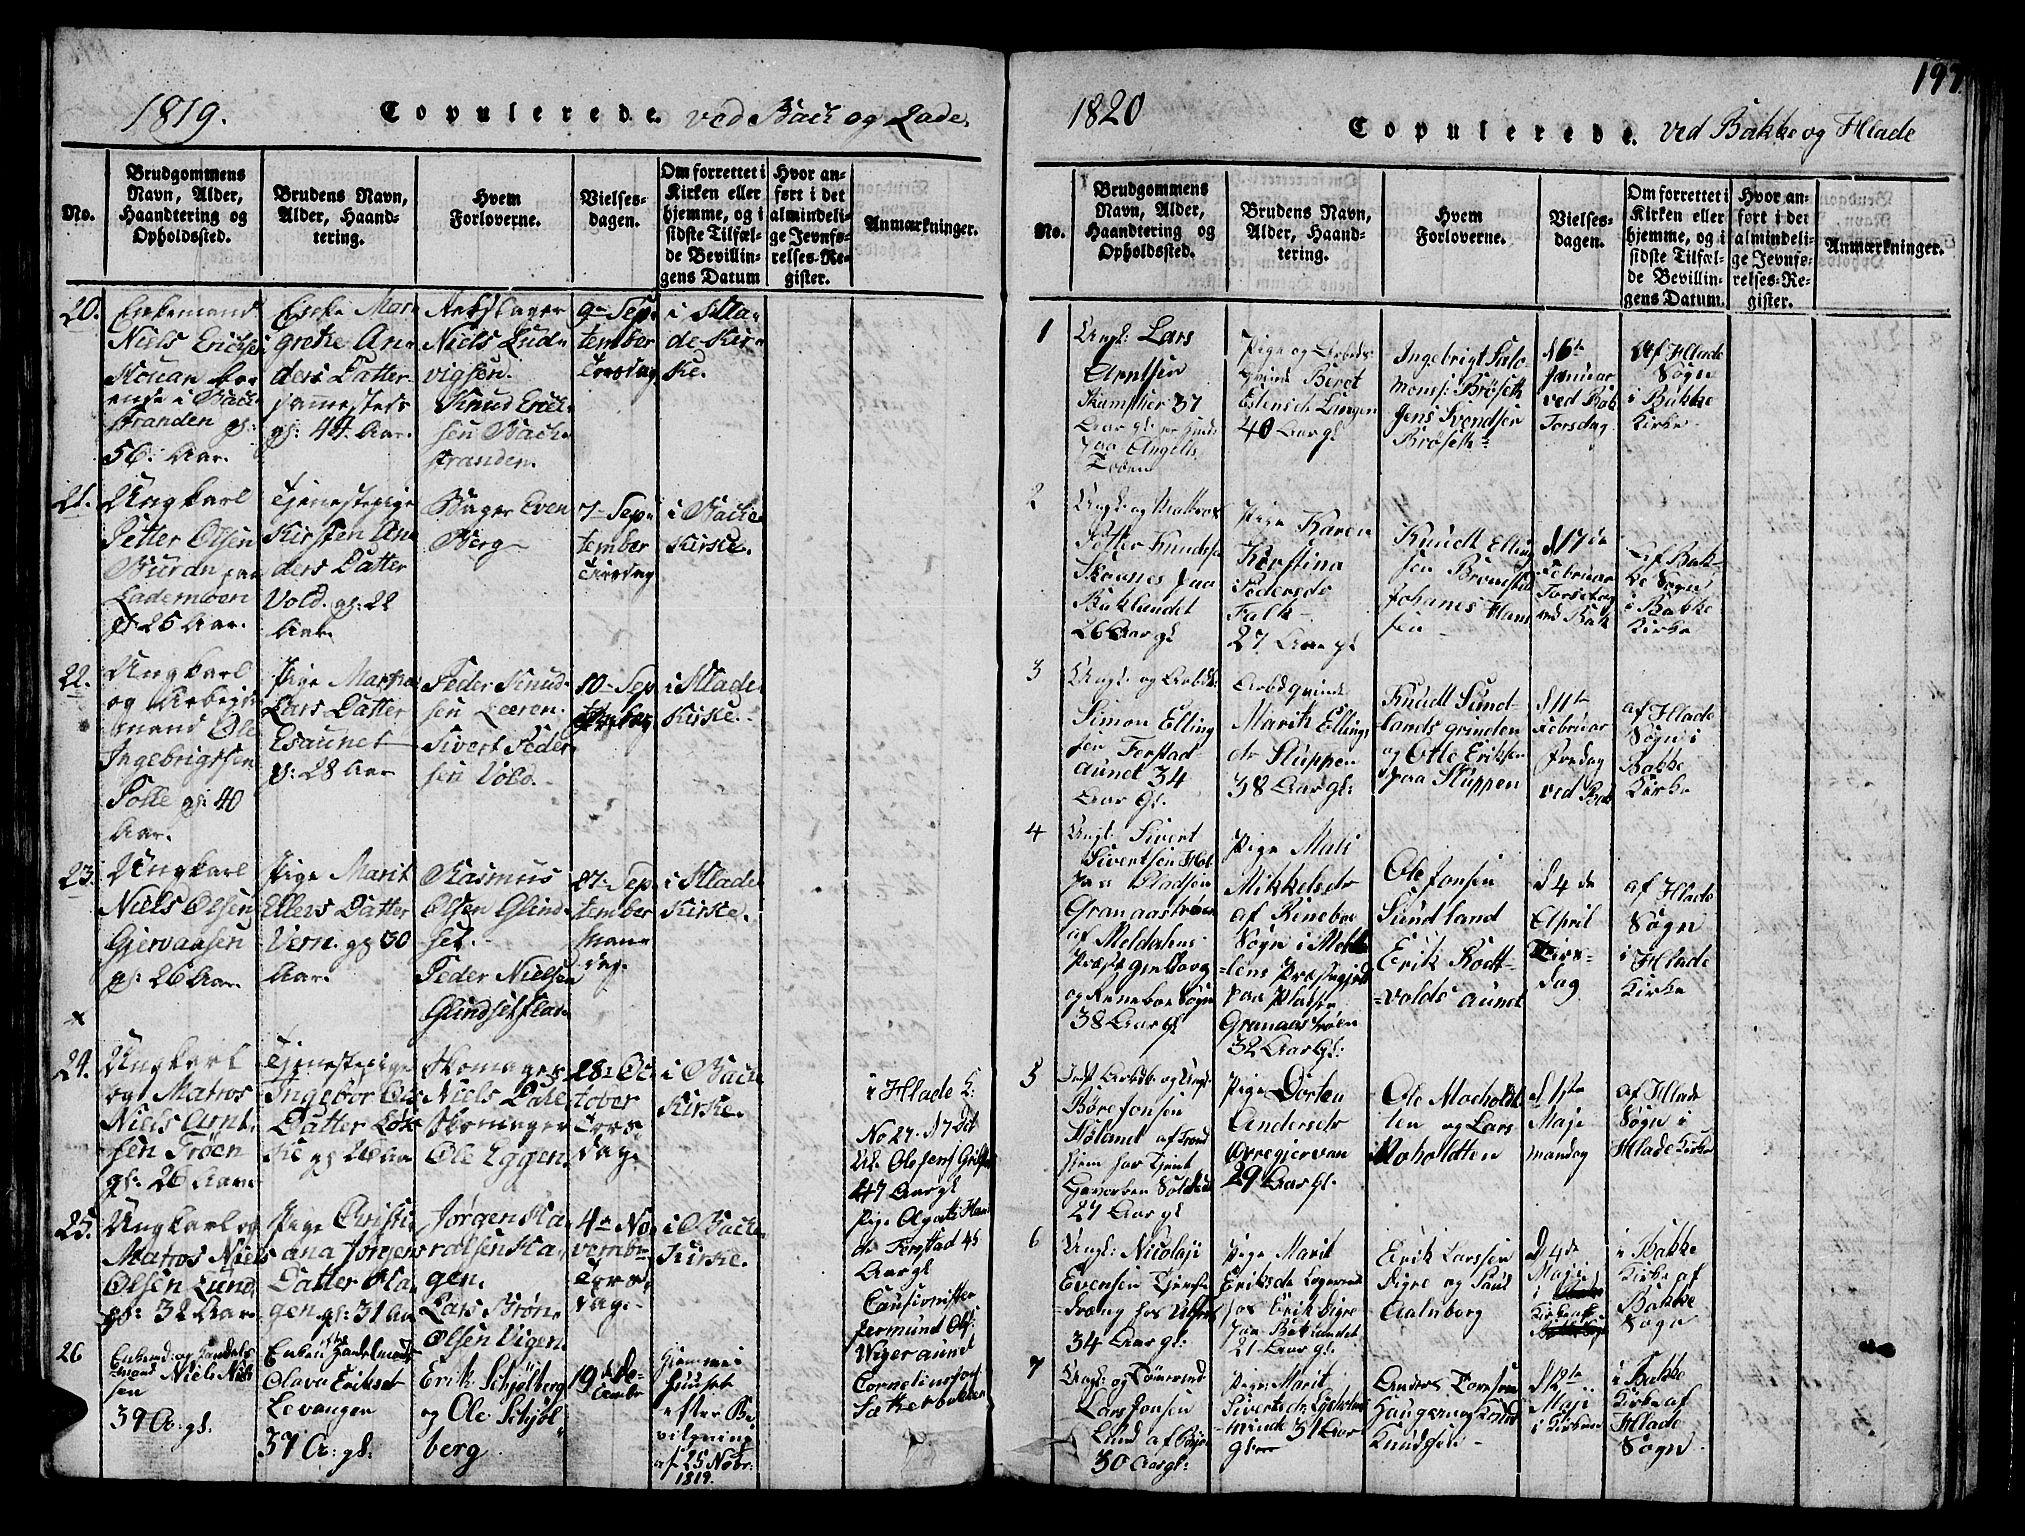 SAT, Ministerialprotokoller, klokkerbøker og fødselsregistre - Sør-Trøndelag, 606/L0307: Klokkerbok nr. 606C03, 1817-1824, s. 197